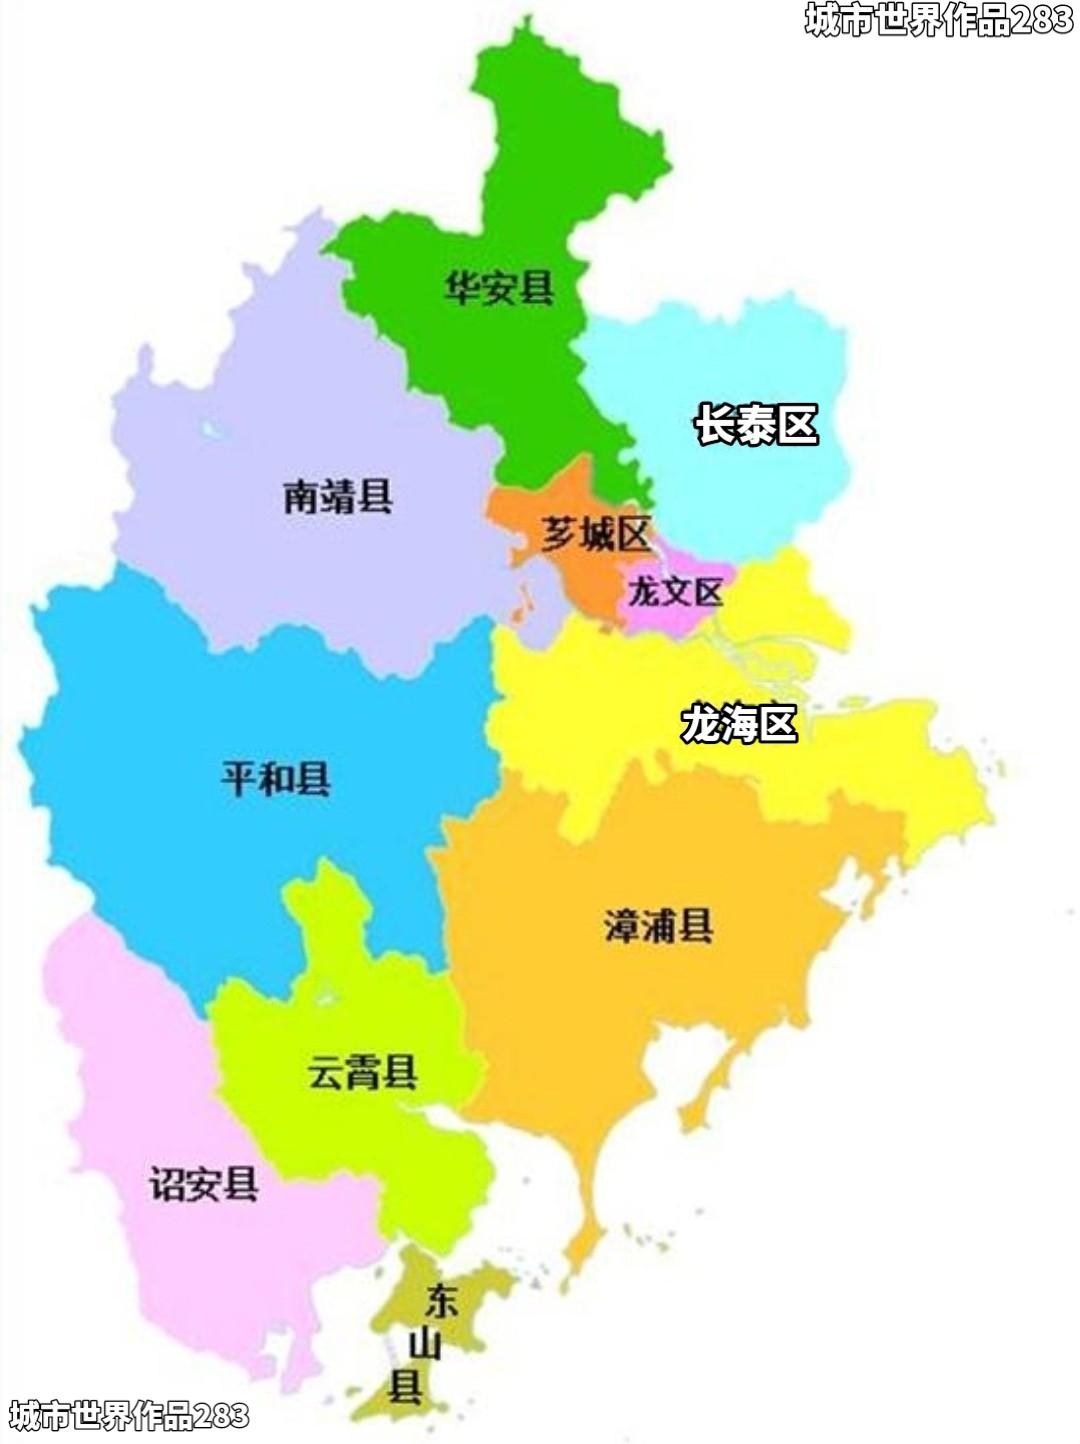 中国城市no.47--漳州